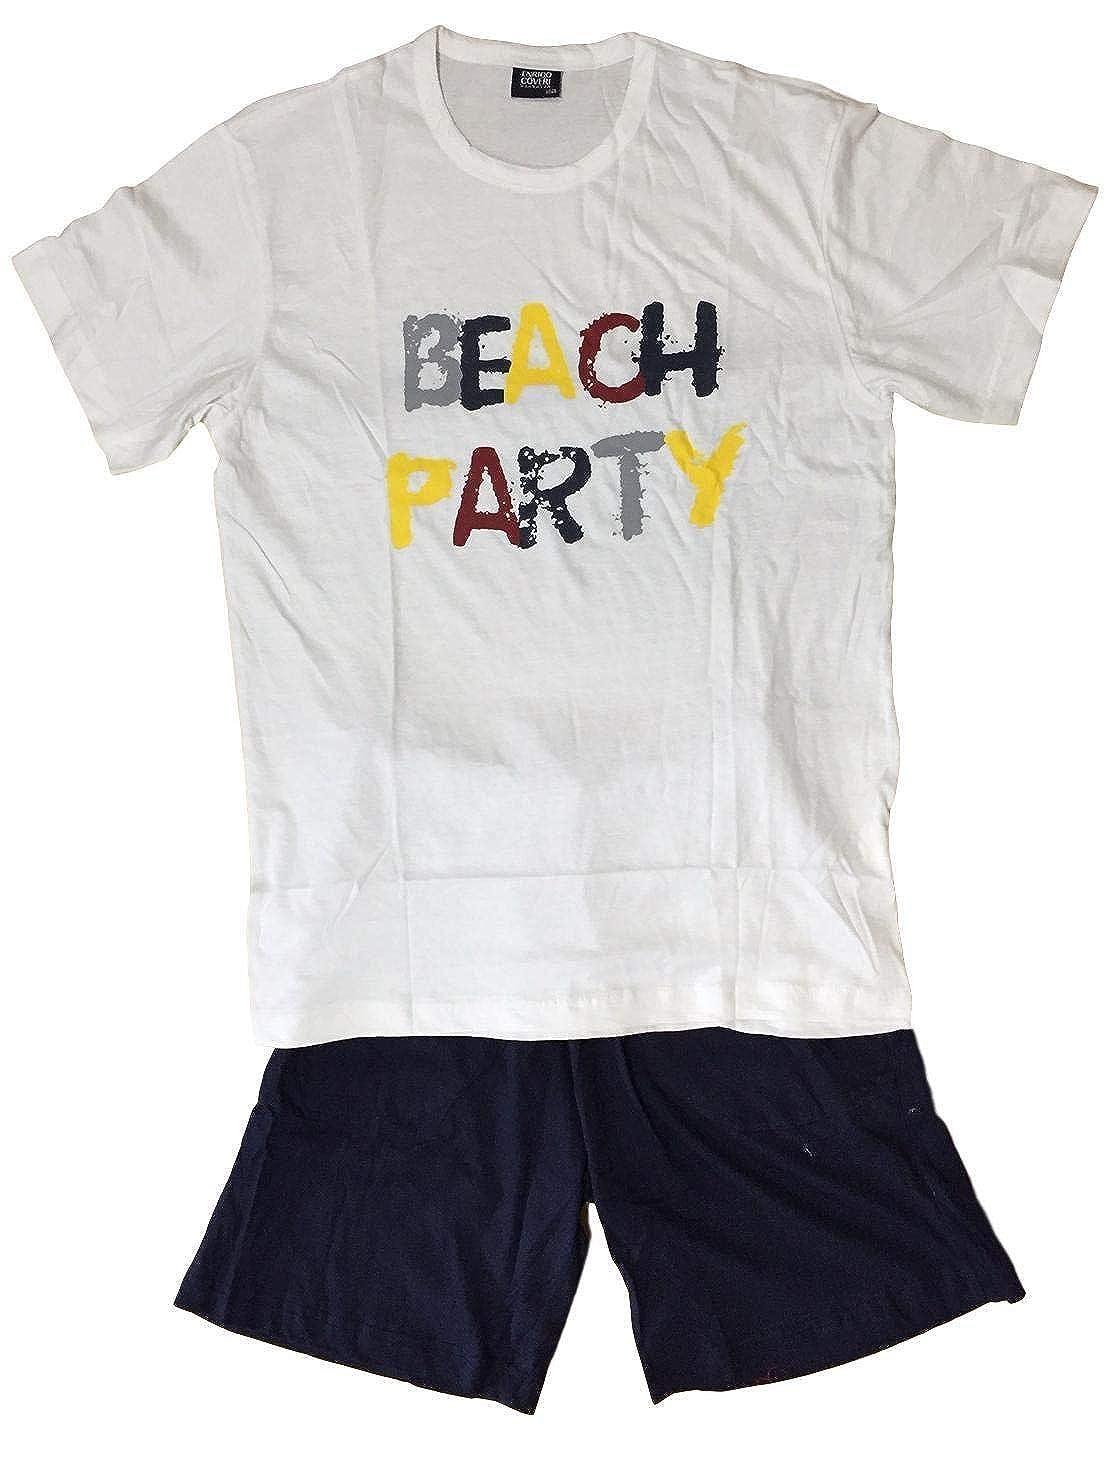 Mens Short Pyjamas EX Store 2 Piece T Shirt Shorts PJ Set New